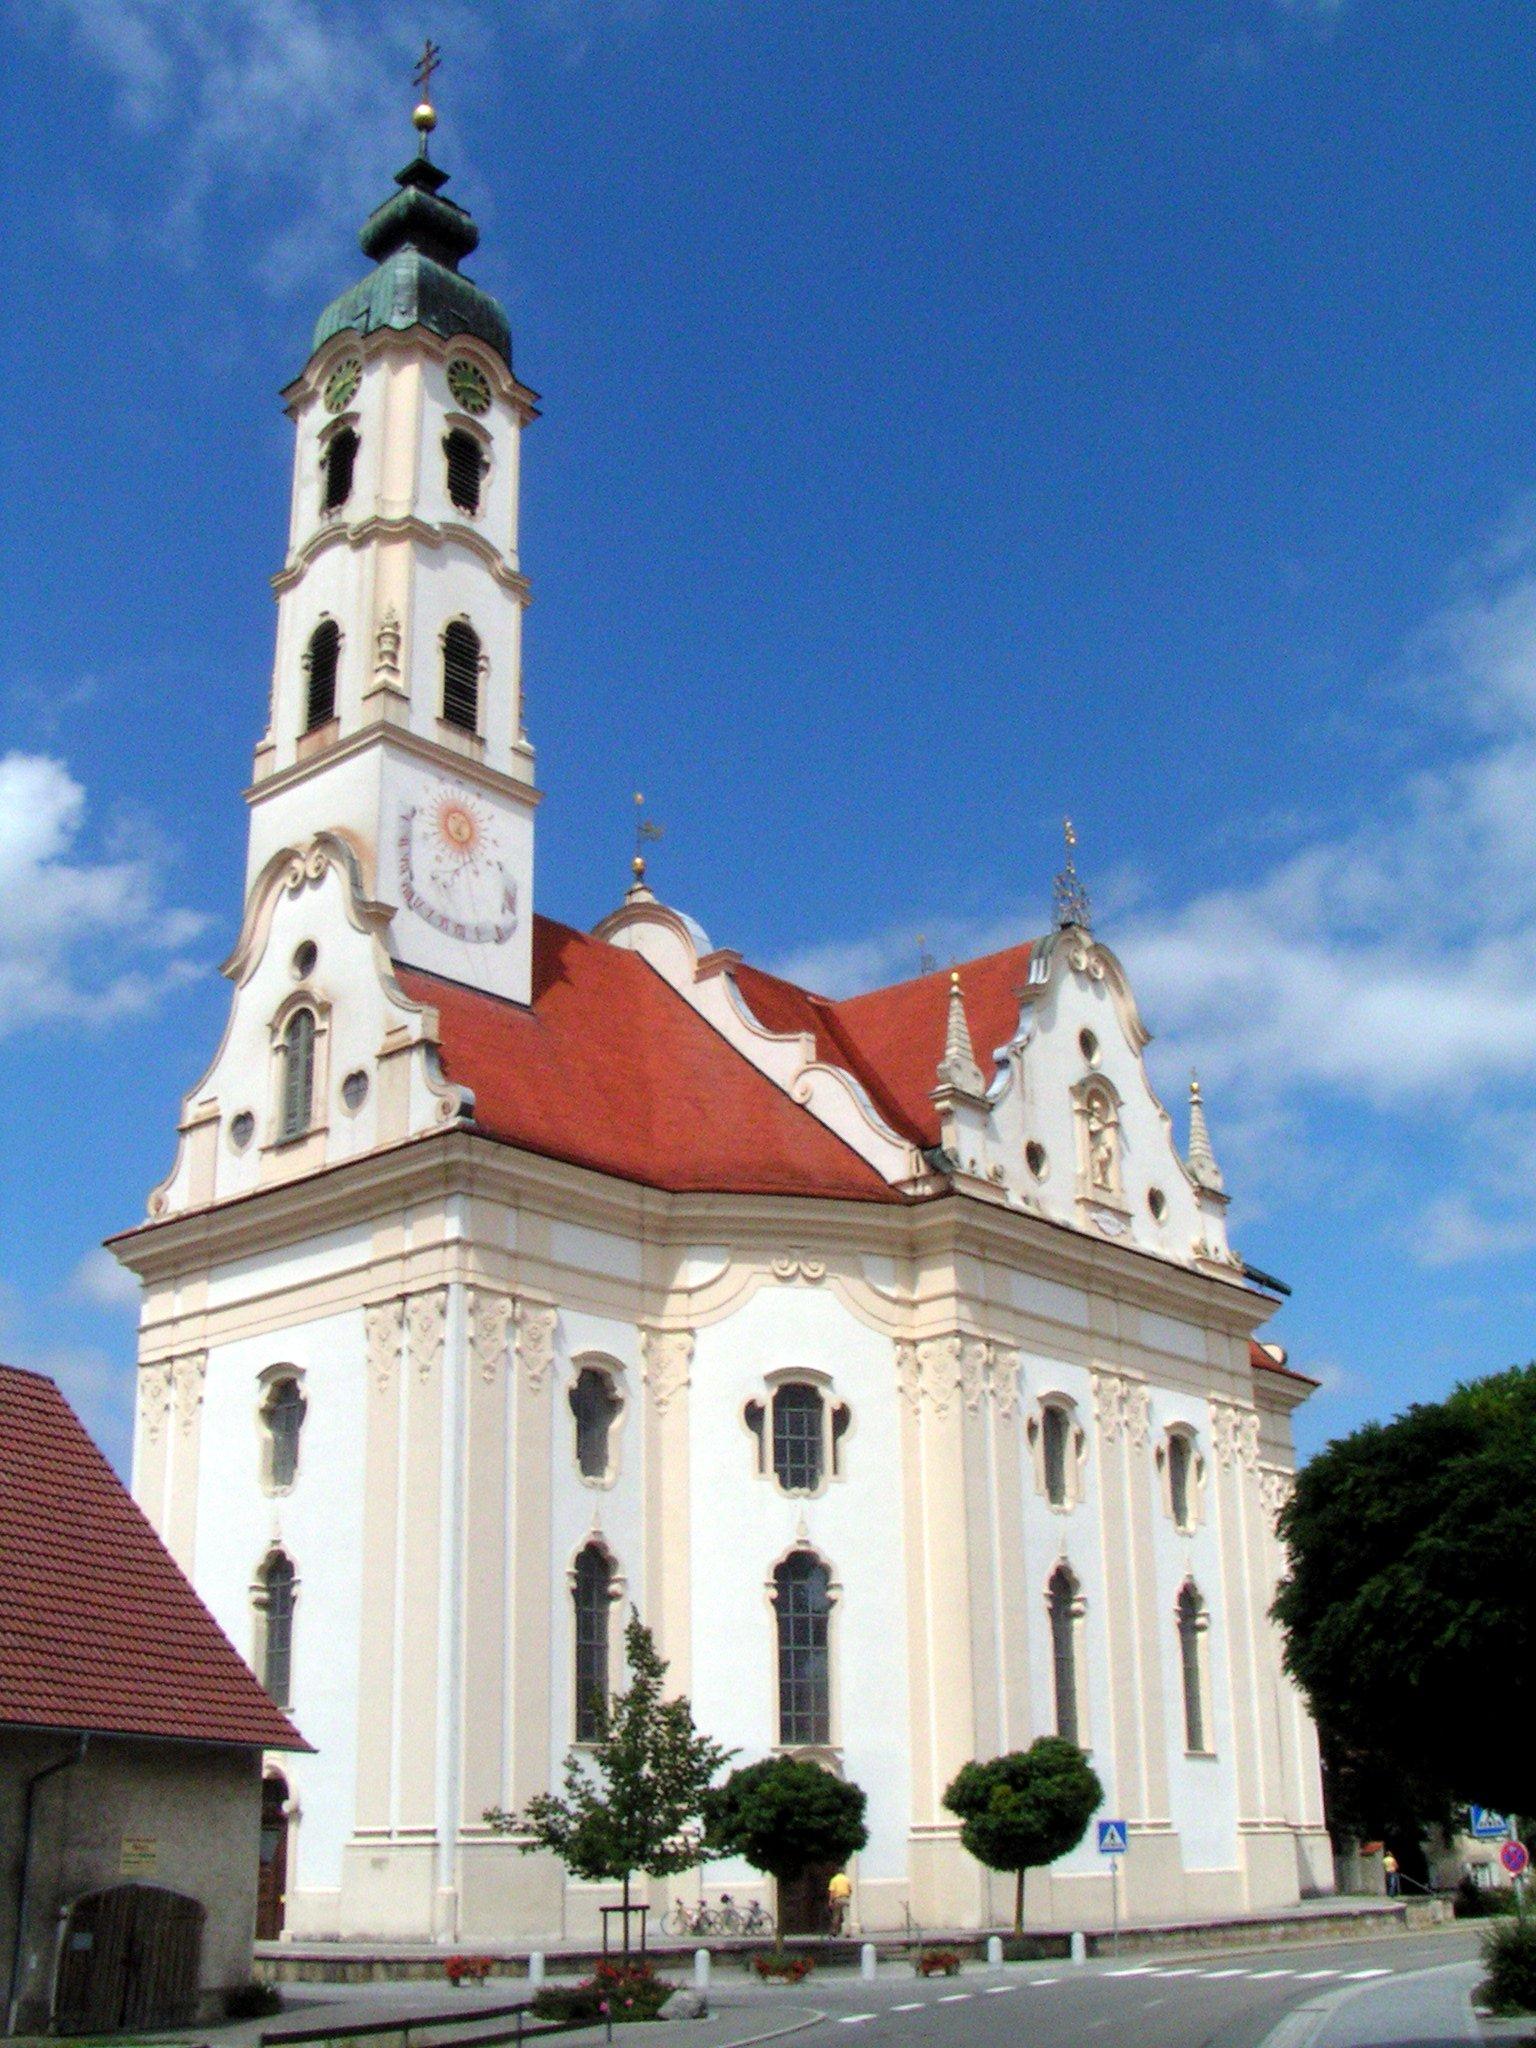 Wallfahrtskirche Steinhausen.jpg